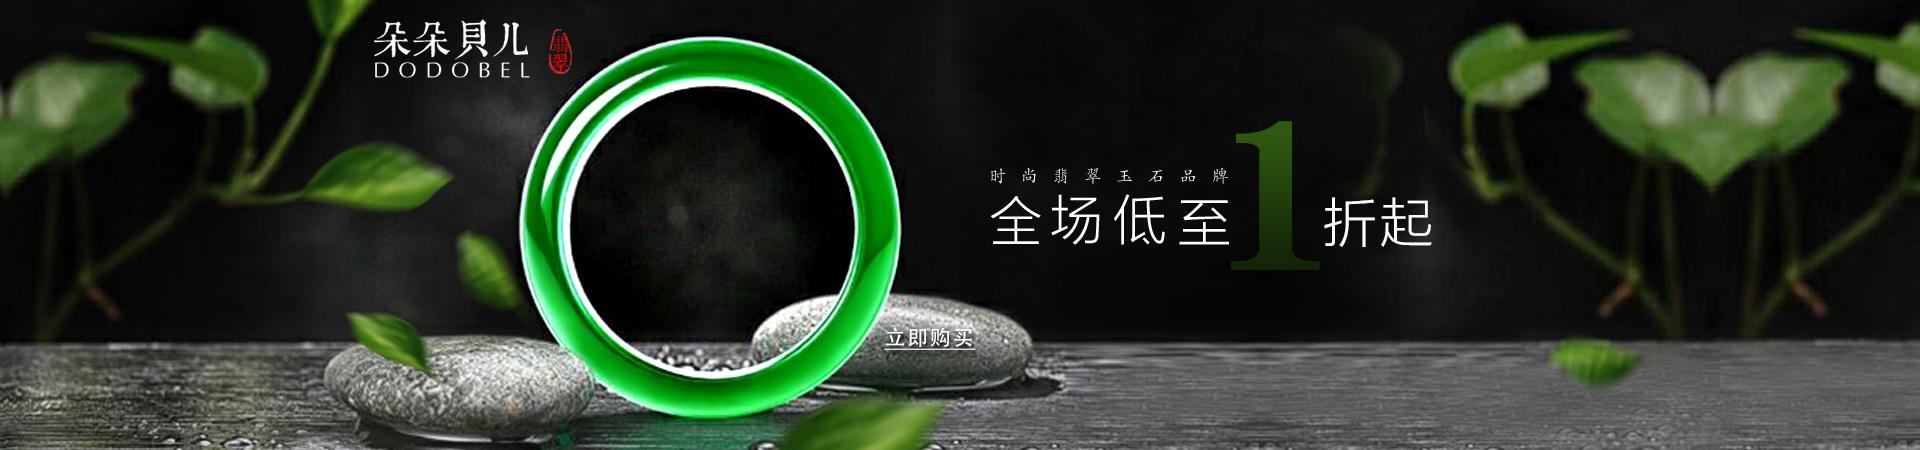 珠宝 玉石 banner